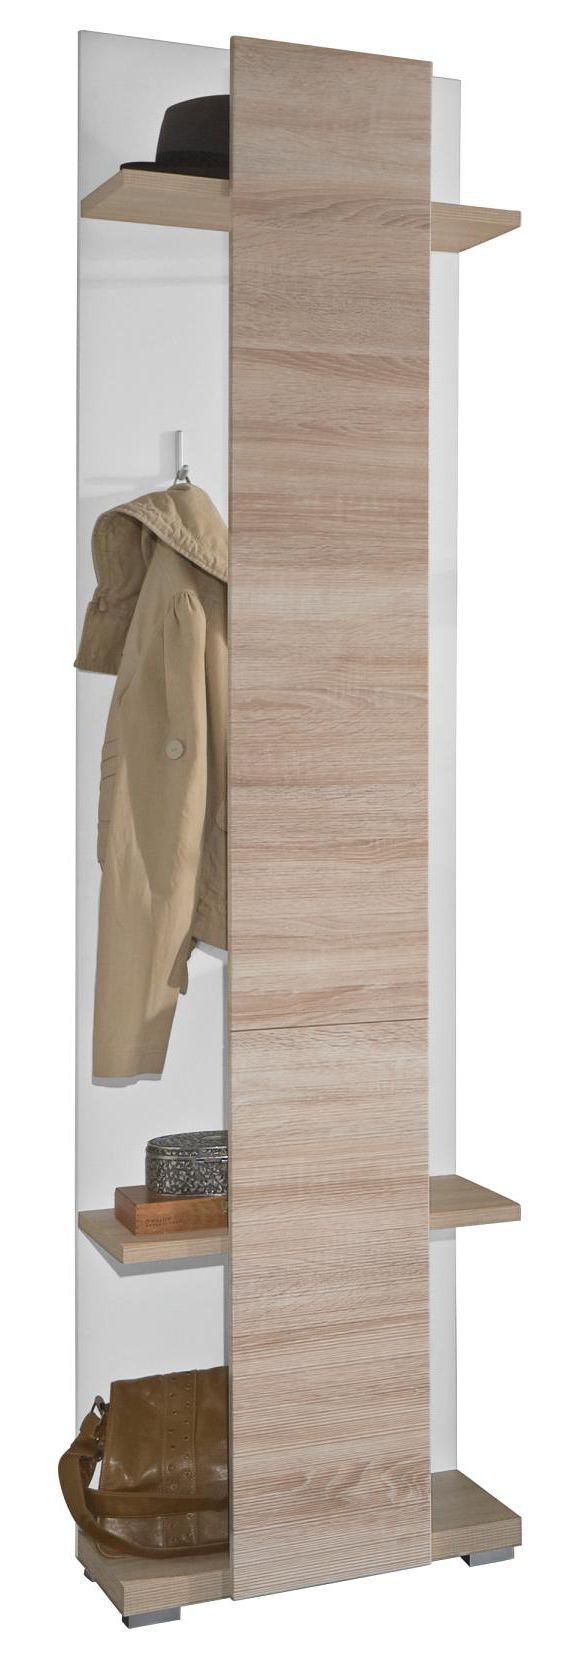 Diese Wandgarderobe von XORA ist aus einer hochwertigen Flachpressplatte gefertigt und mit einer weißen und eichefarbenen Dekorfolie versehen. Besonders charmant ist die sägeraue und geschroppte Oberfläche, die das Gesamtbild harmonisch abrundet. Durch 3 Haken und die Hutablage werden Ihre Jacken, Mützen und Schals praktisch verstaut. Verleihen Sie Ihrem Eingangsbereich mit diesem Garderobenpaneel eine moderne Note!